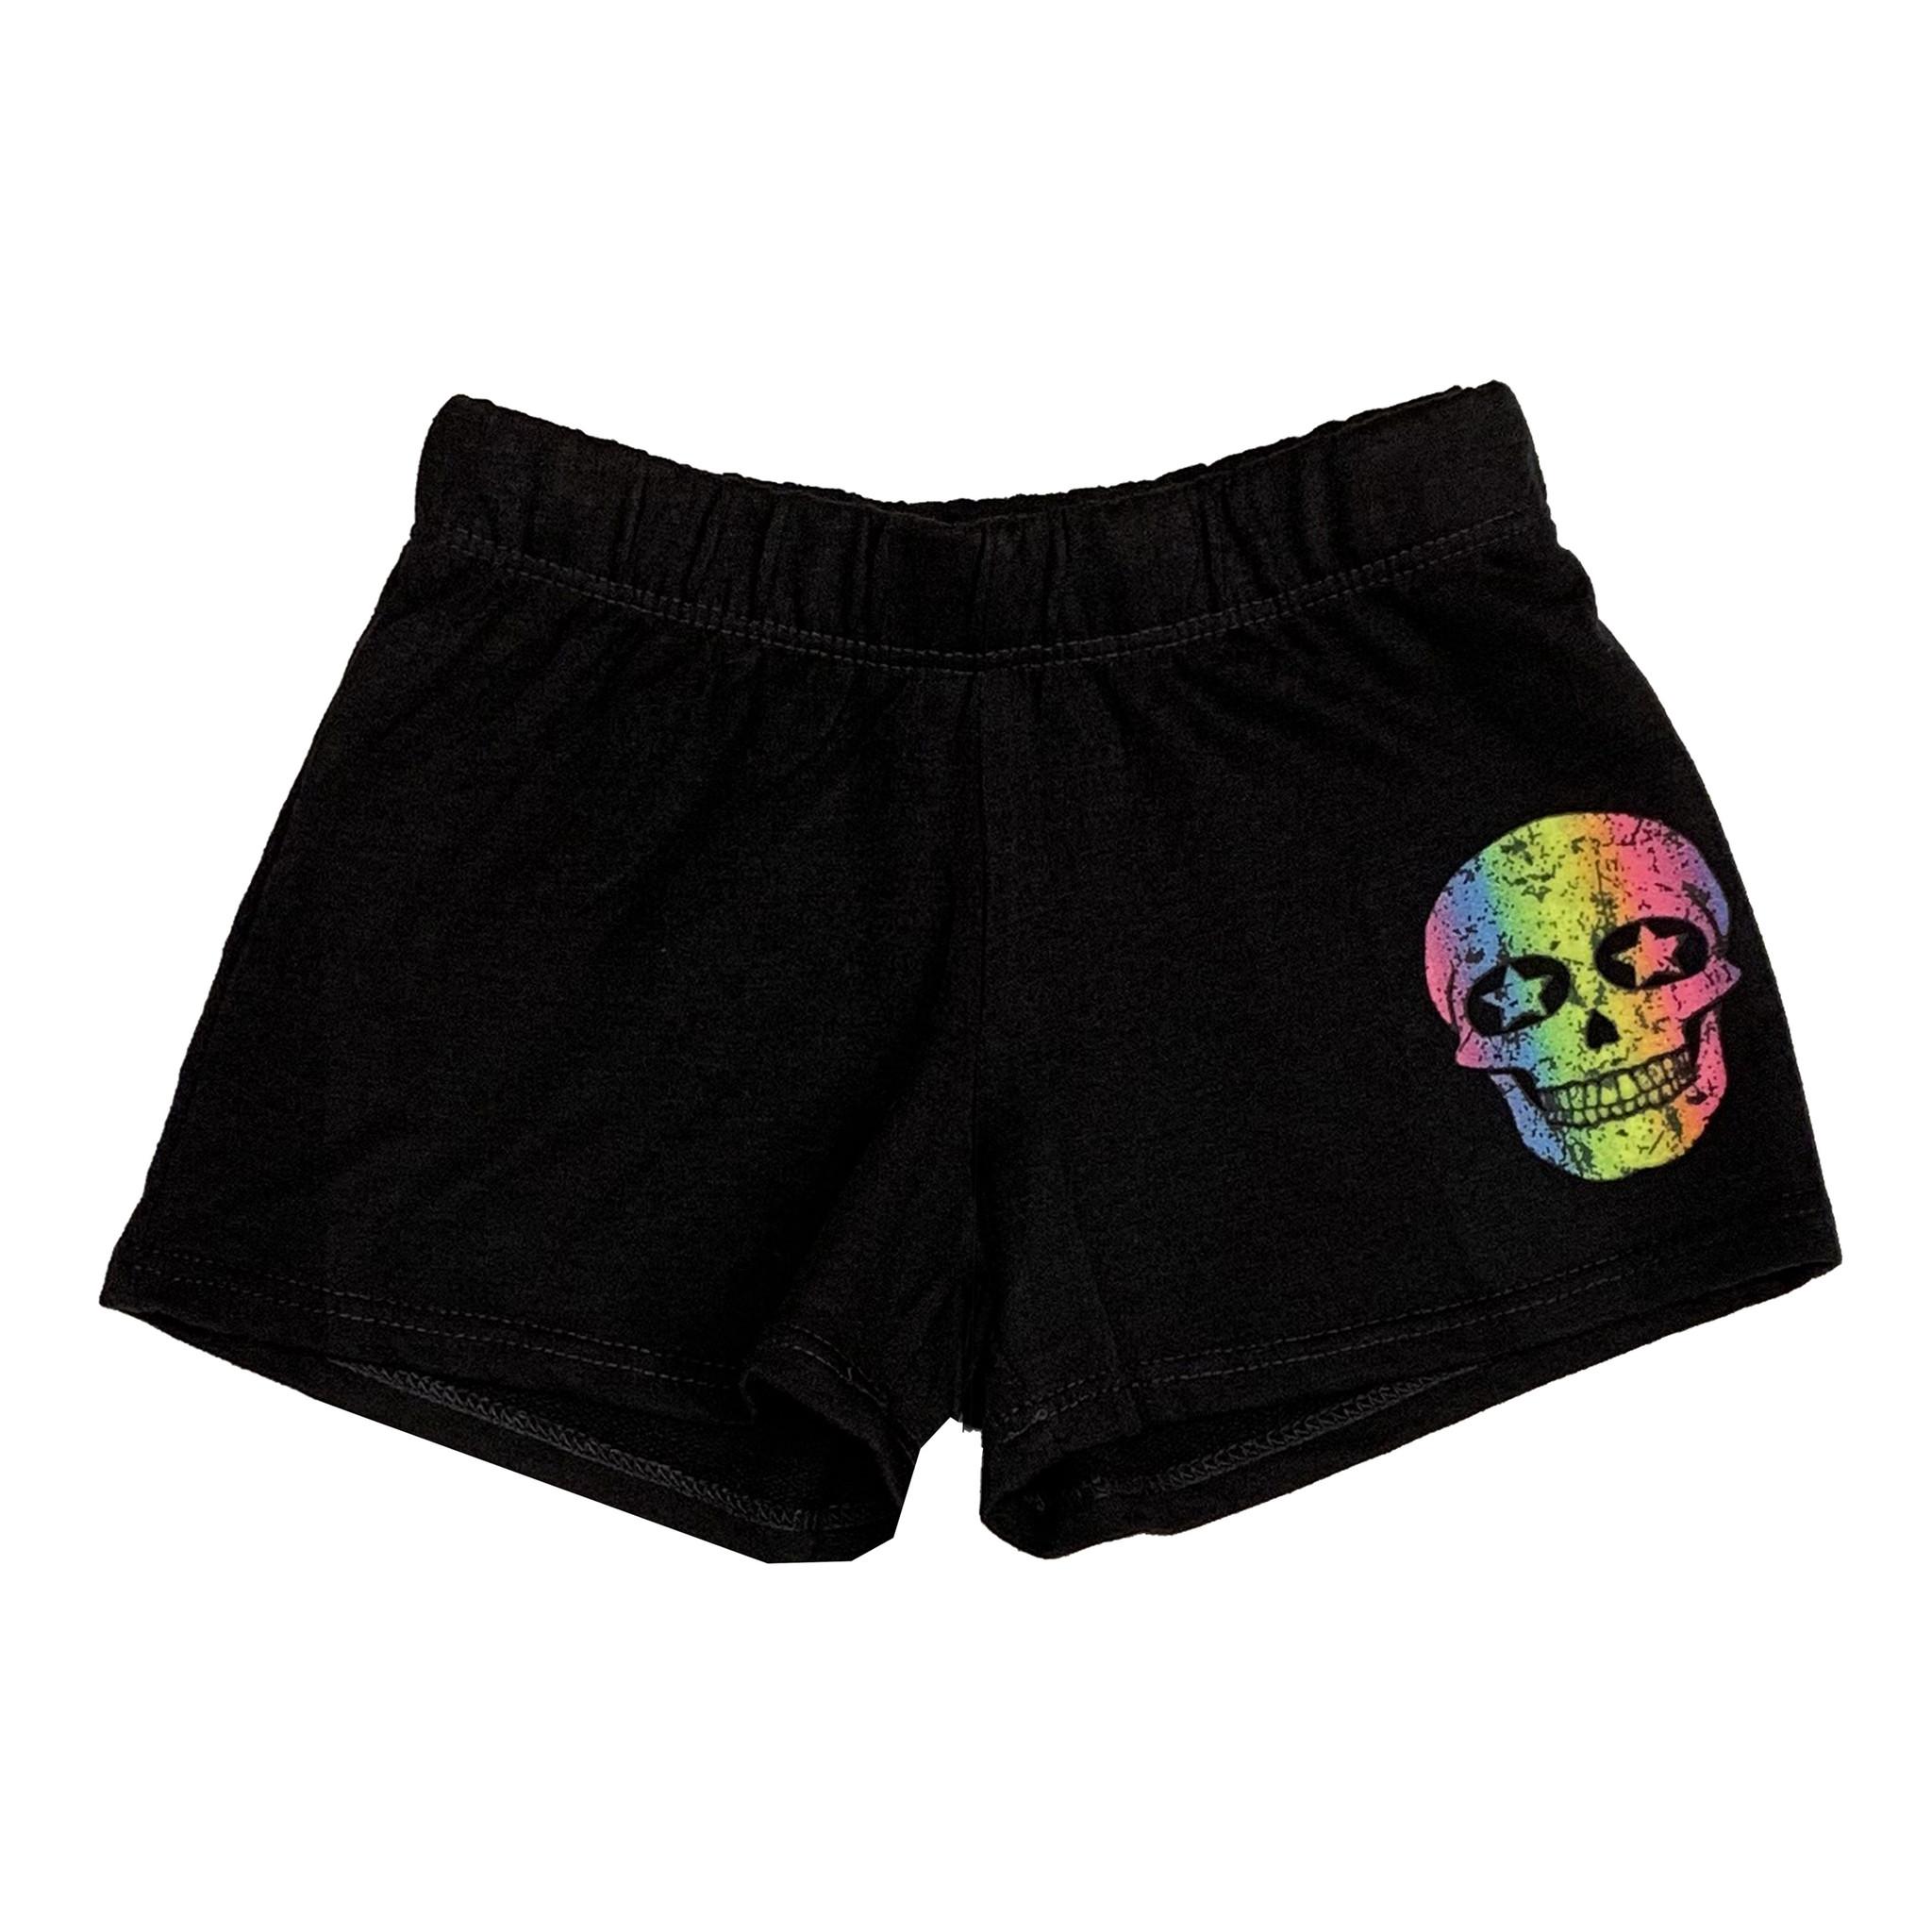 Firehouse Black Shorts with Rainbow Skull